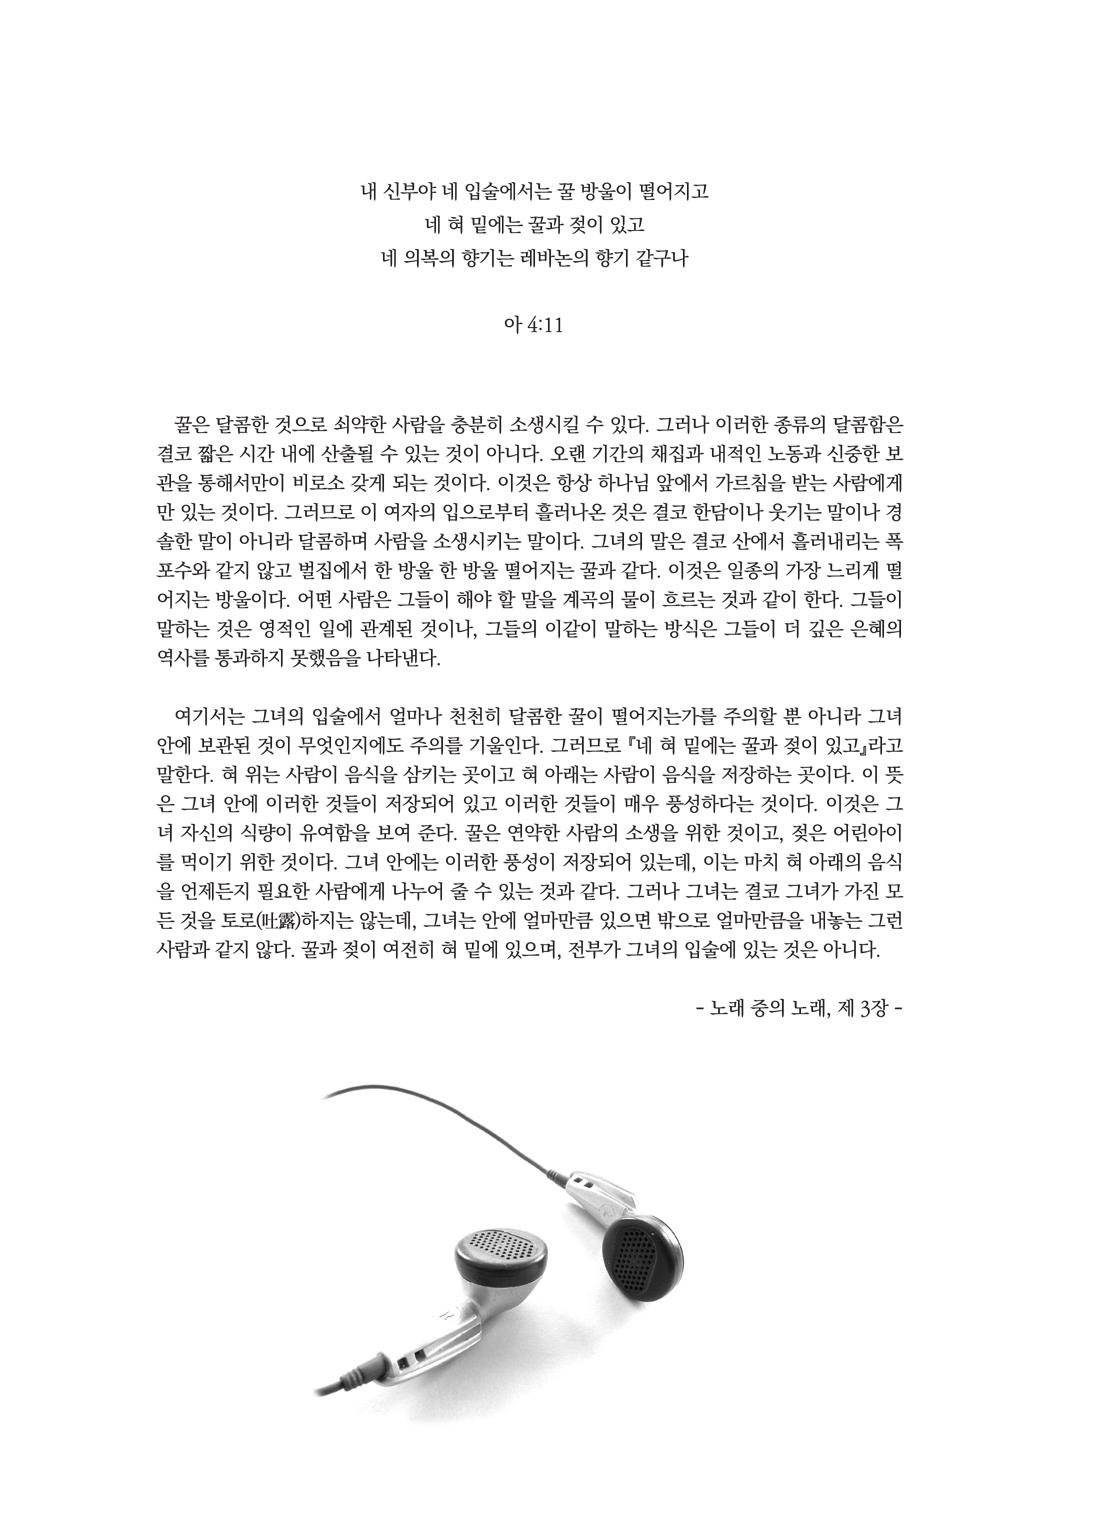 찬양 악보집 초안 8p.jpg